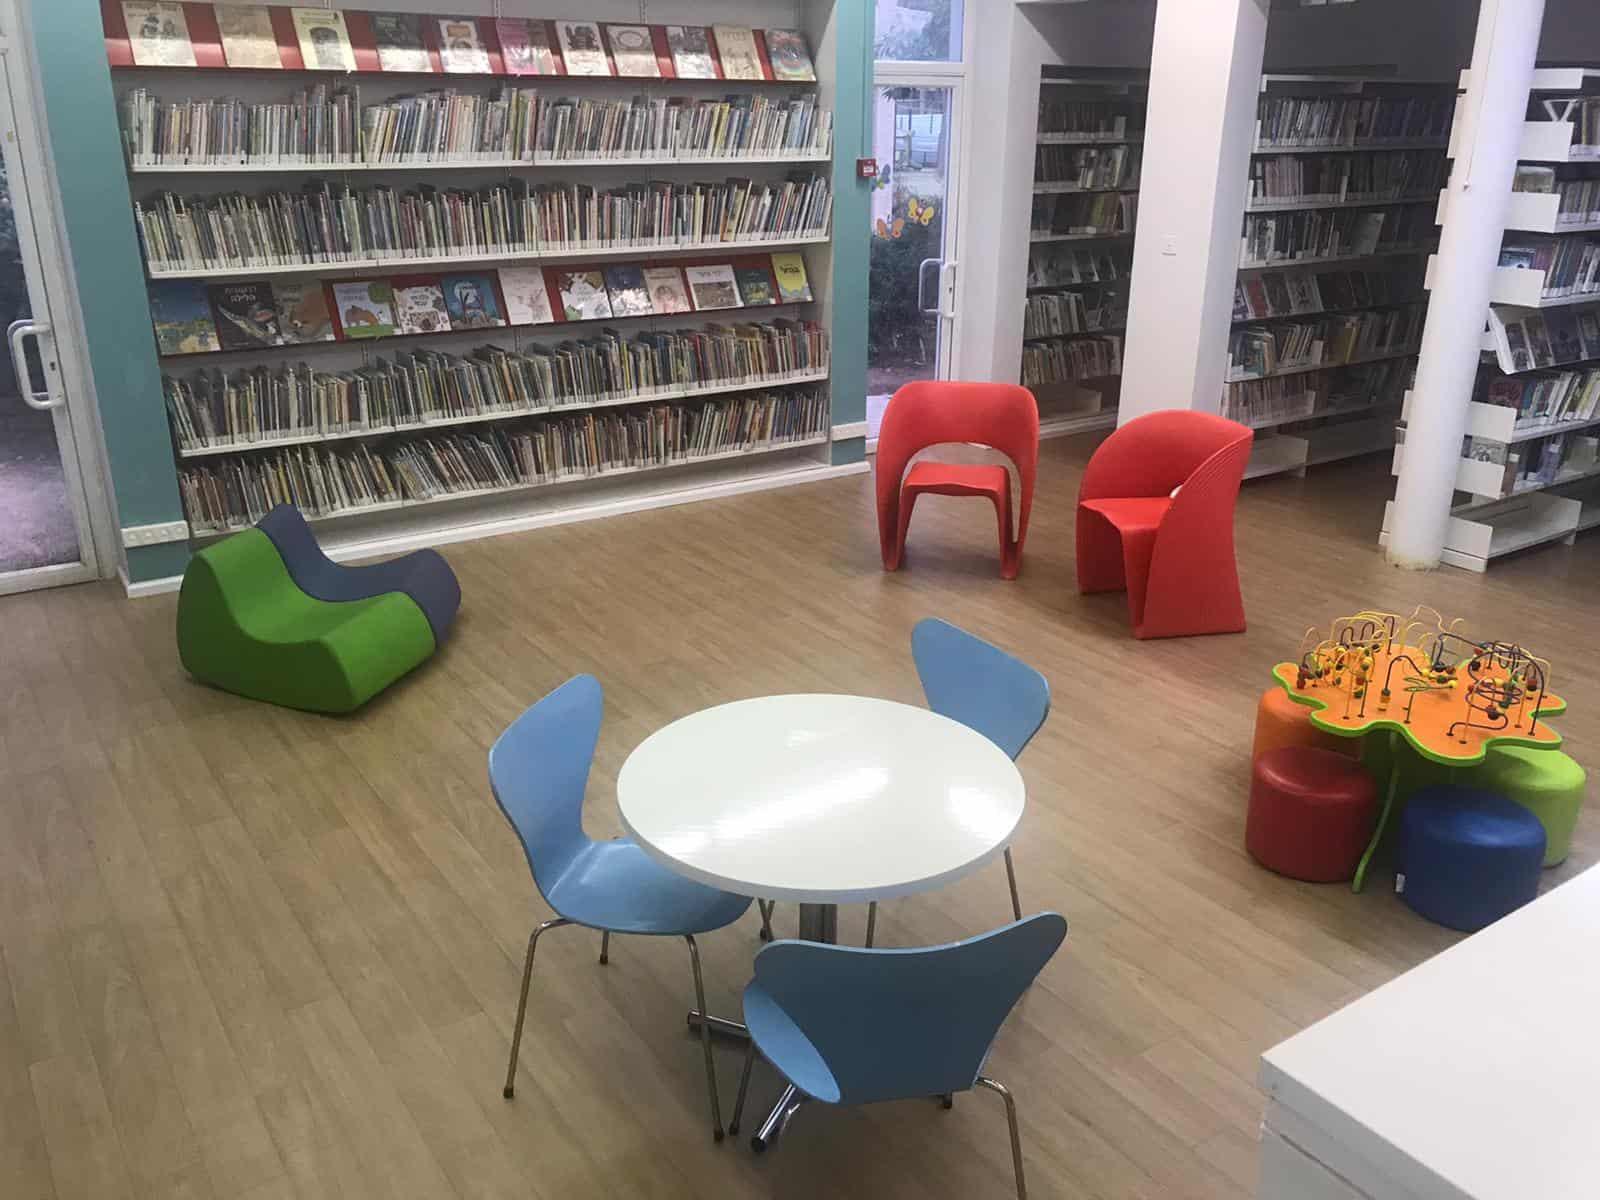 שדרוג ספרייה ביד לבנים